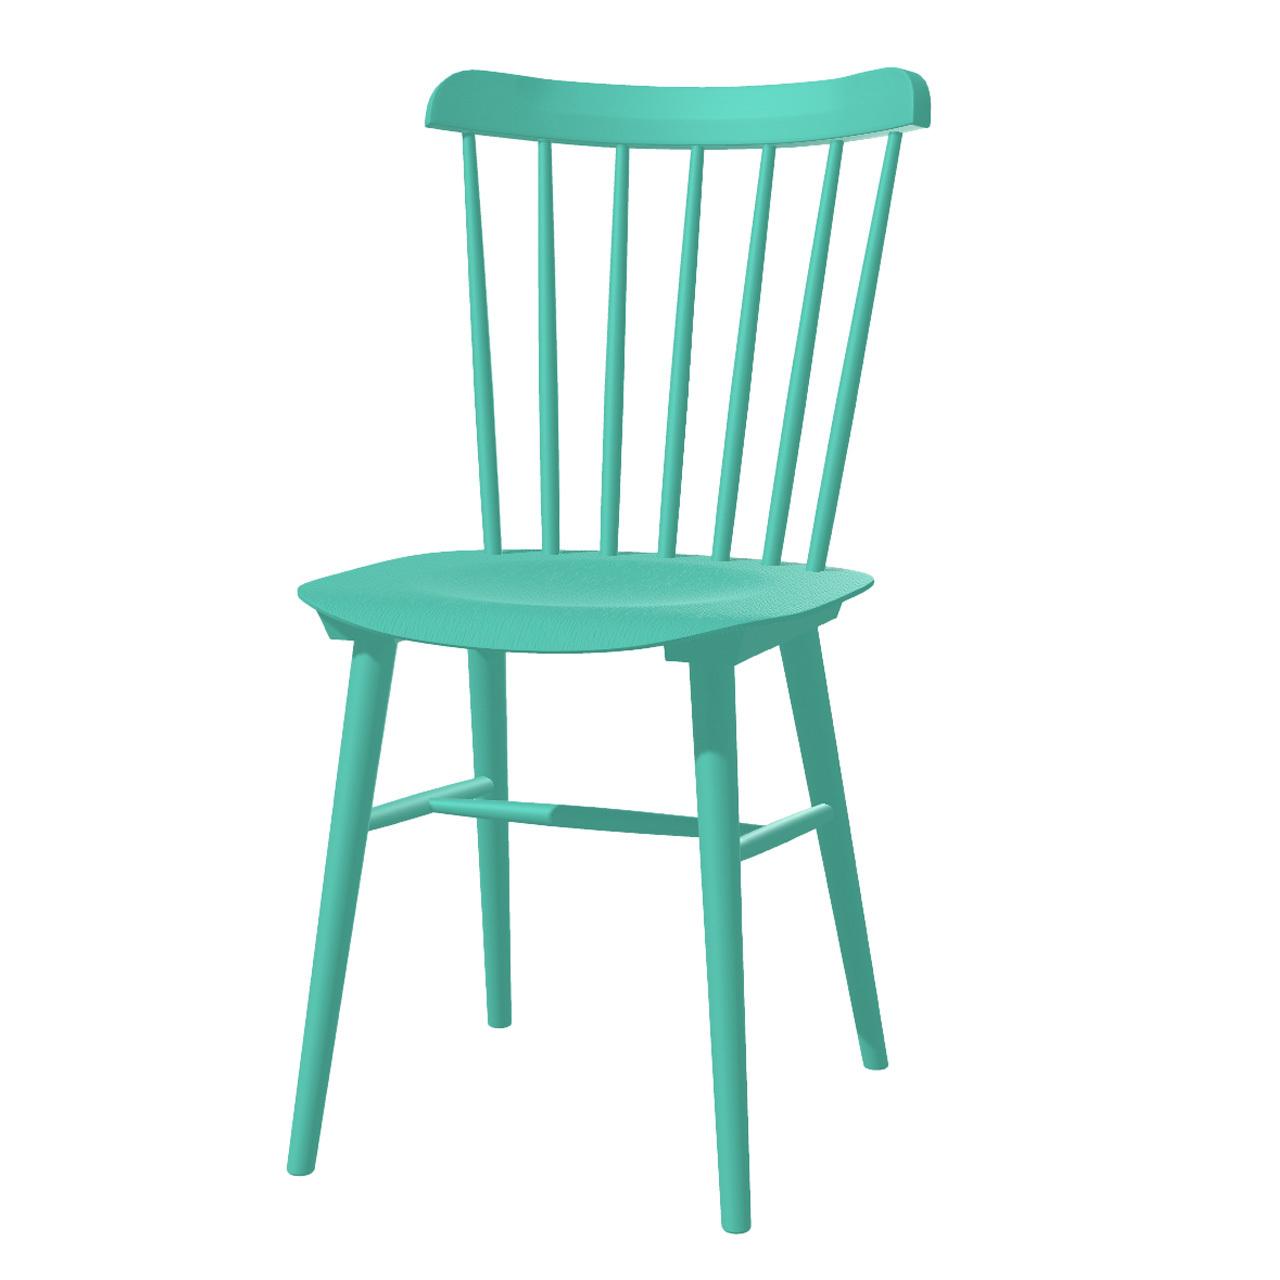 Ton Stuhl im Retro-Stil für den Esstisch